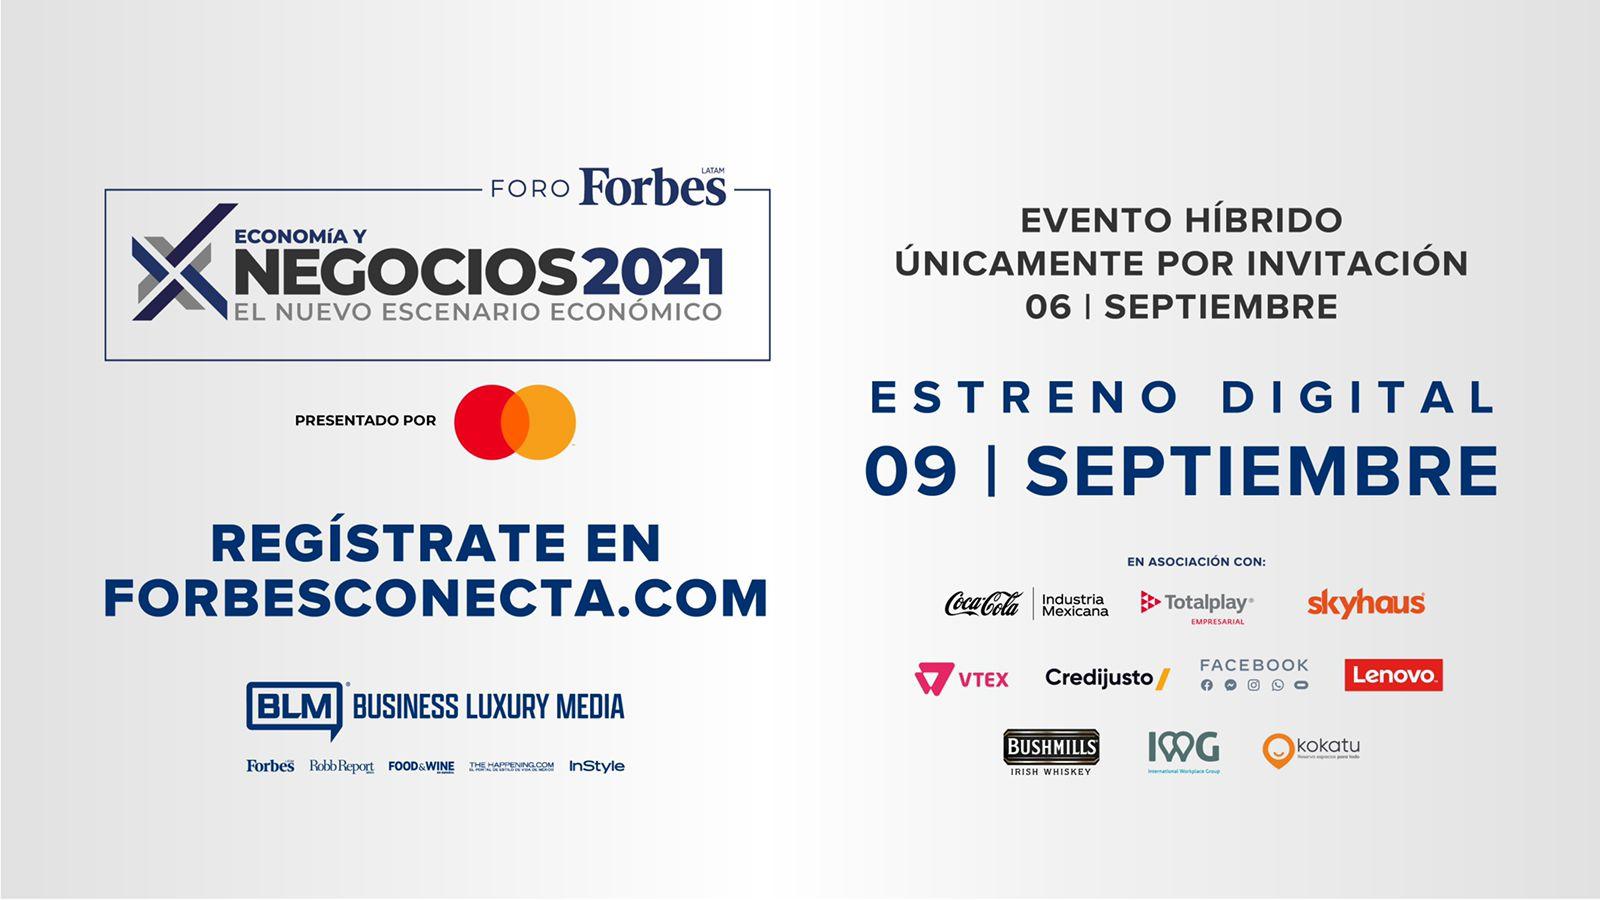 México hacia el nuevo escenario económico: Foro Forbes 2021